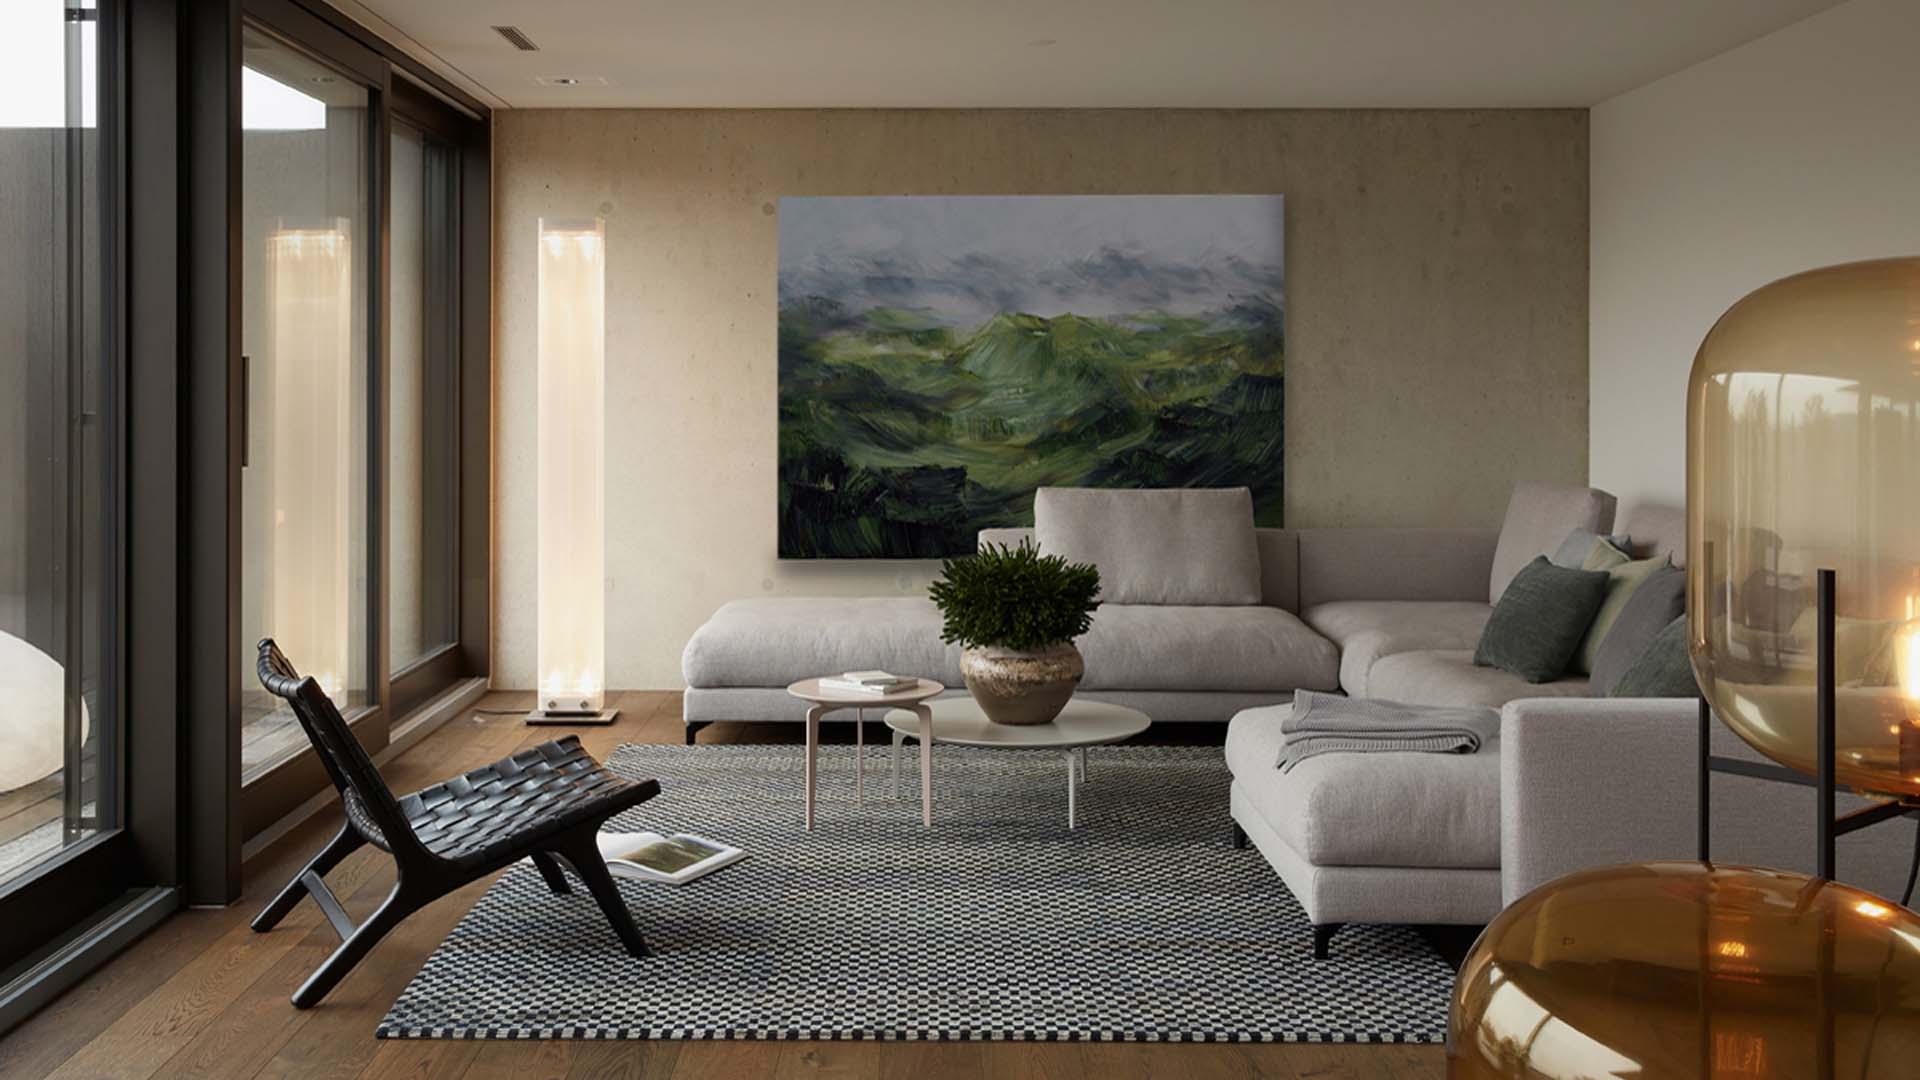 Möbliertes Wohnzimmer mit Sofa, Teppich, Sessel und Lampen.